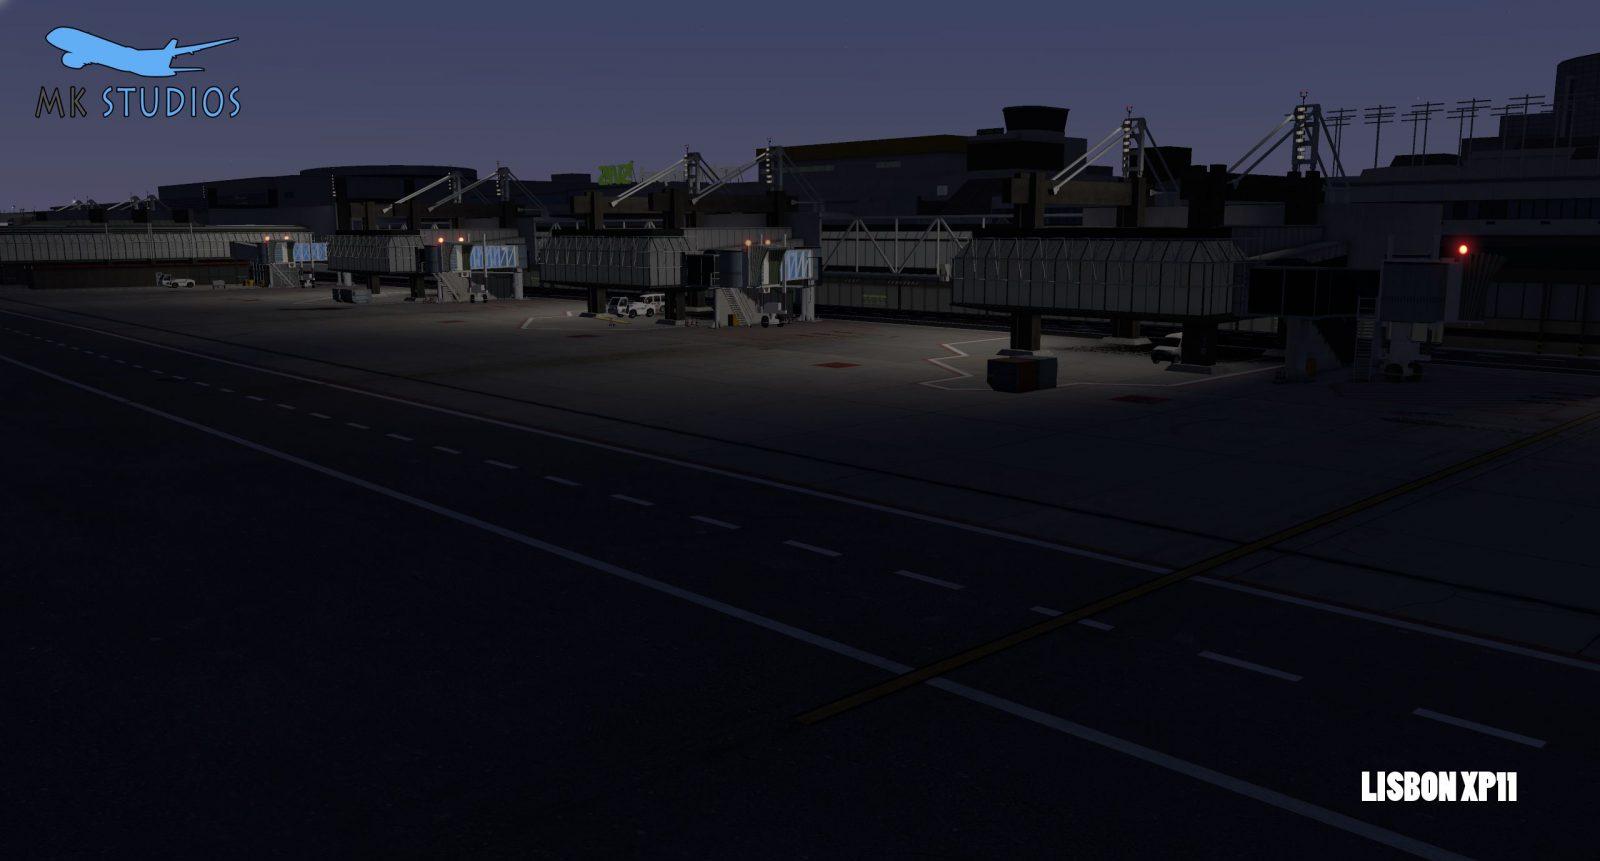 mk-studios-lisbon-xplane-11-16-1600x861.